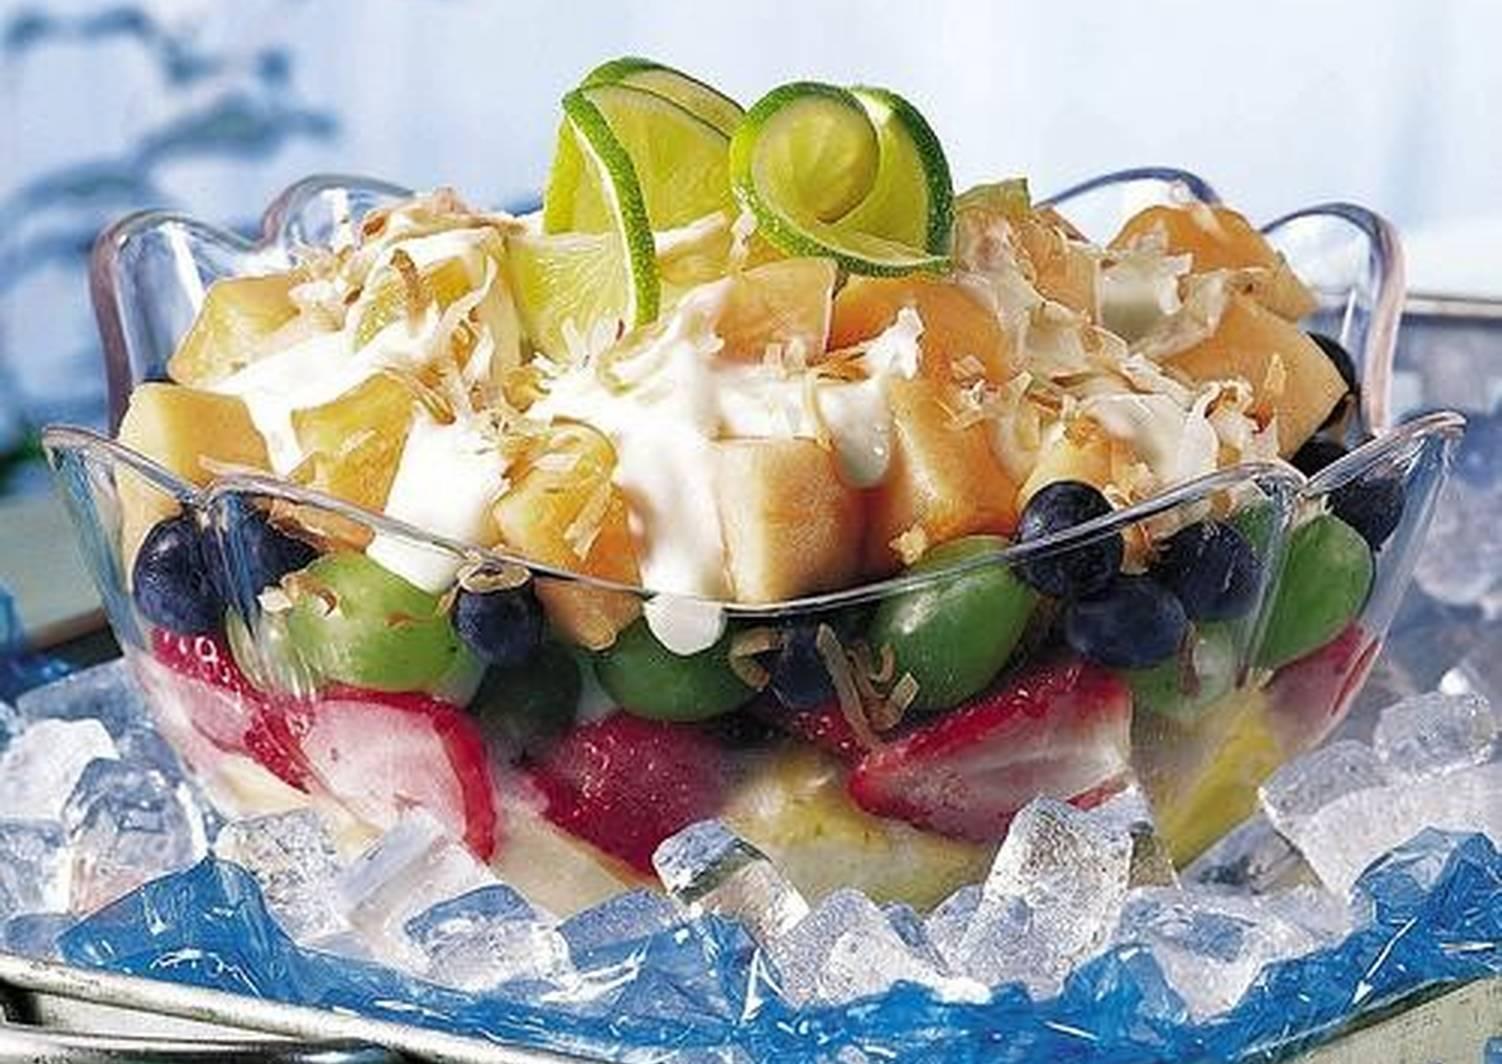 салаты рецепты с фото фруктовые выделяется своей